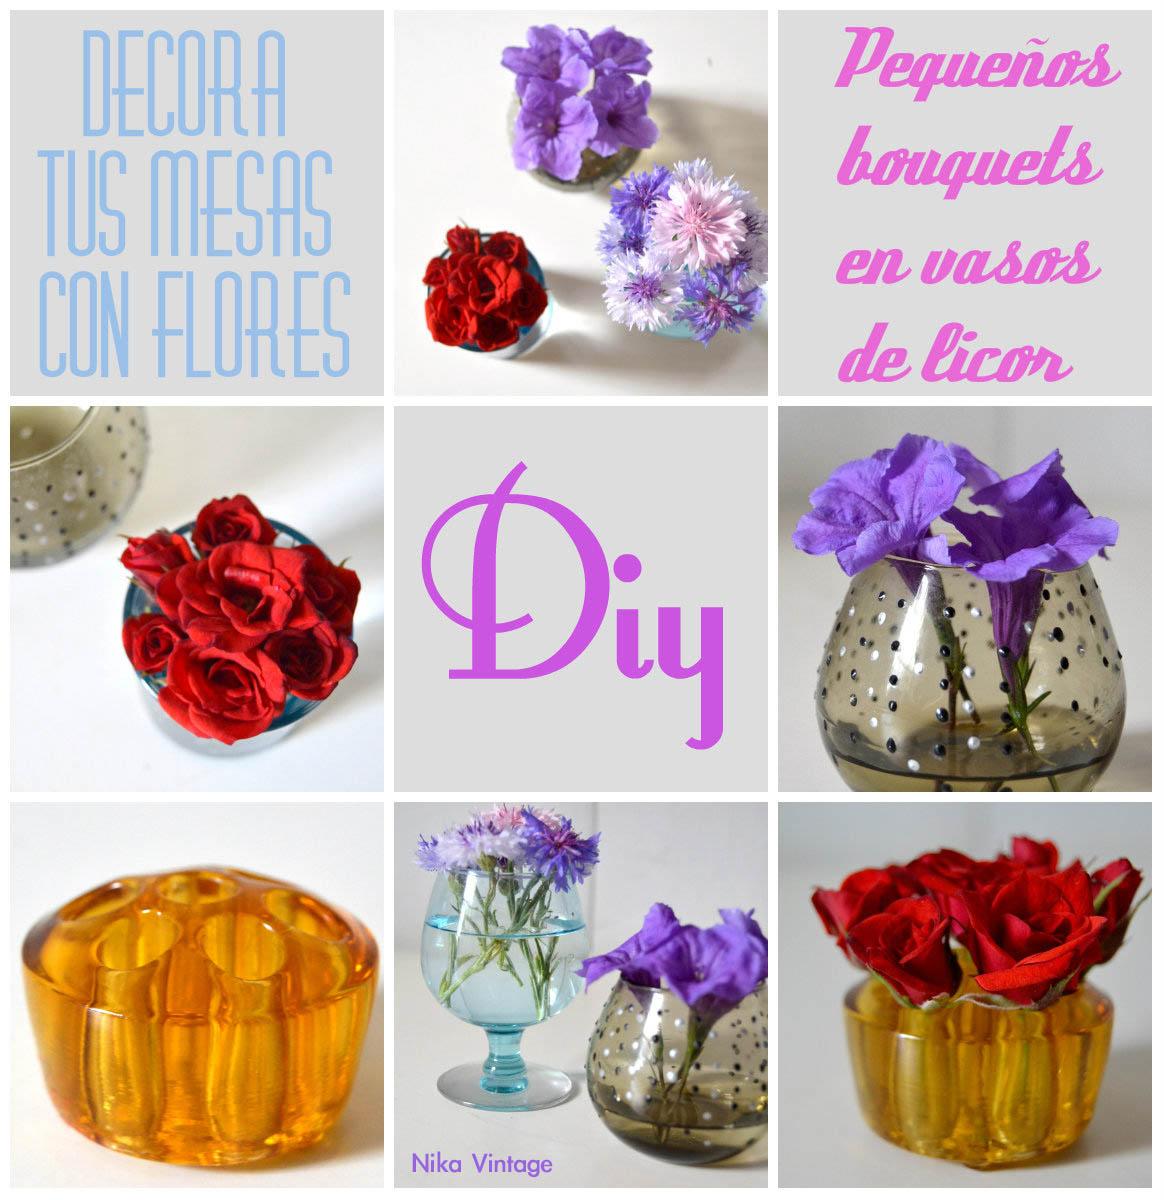 flores, cristal, bouquet, bouquets, vaso, vasos, copa, licor, diy, hazlo tu mismo